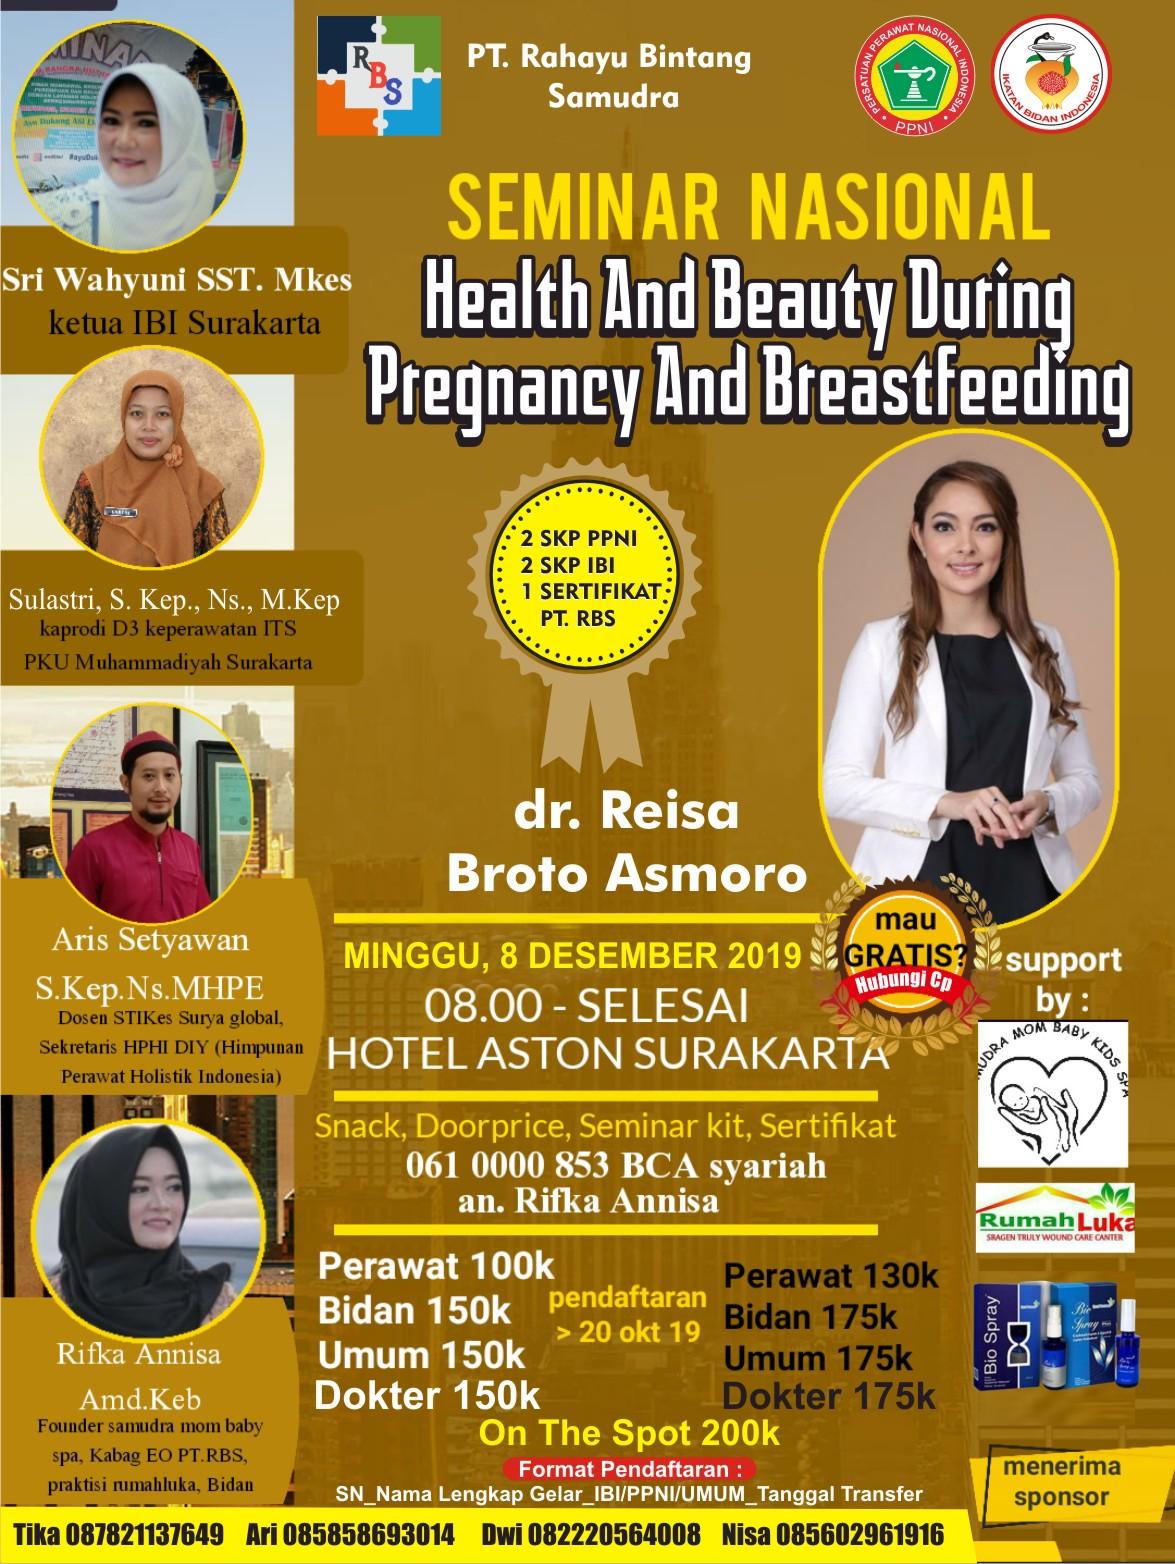 Seminar Nasional Health And Beauty During Pregnancy And Breastfeeding Seminar Dokter